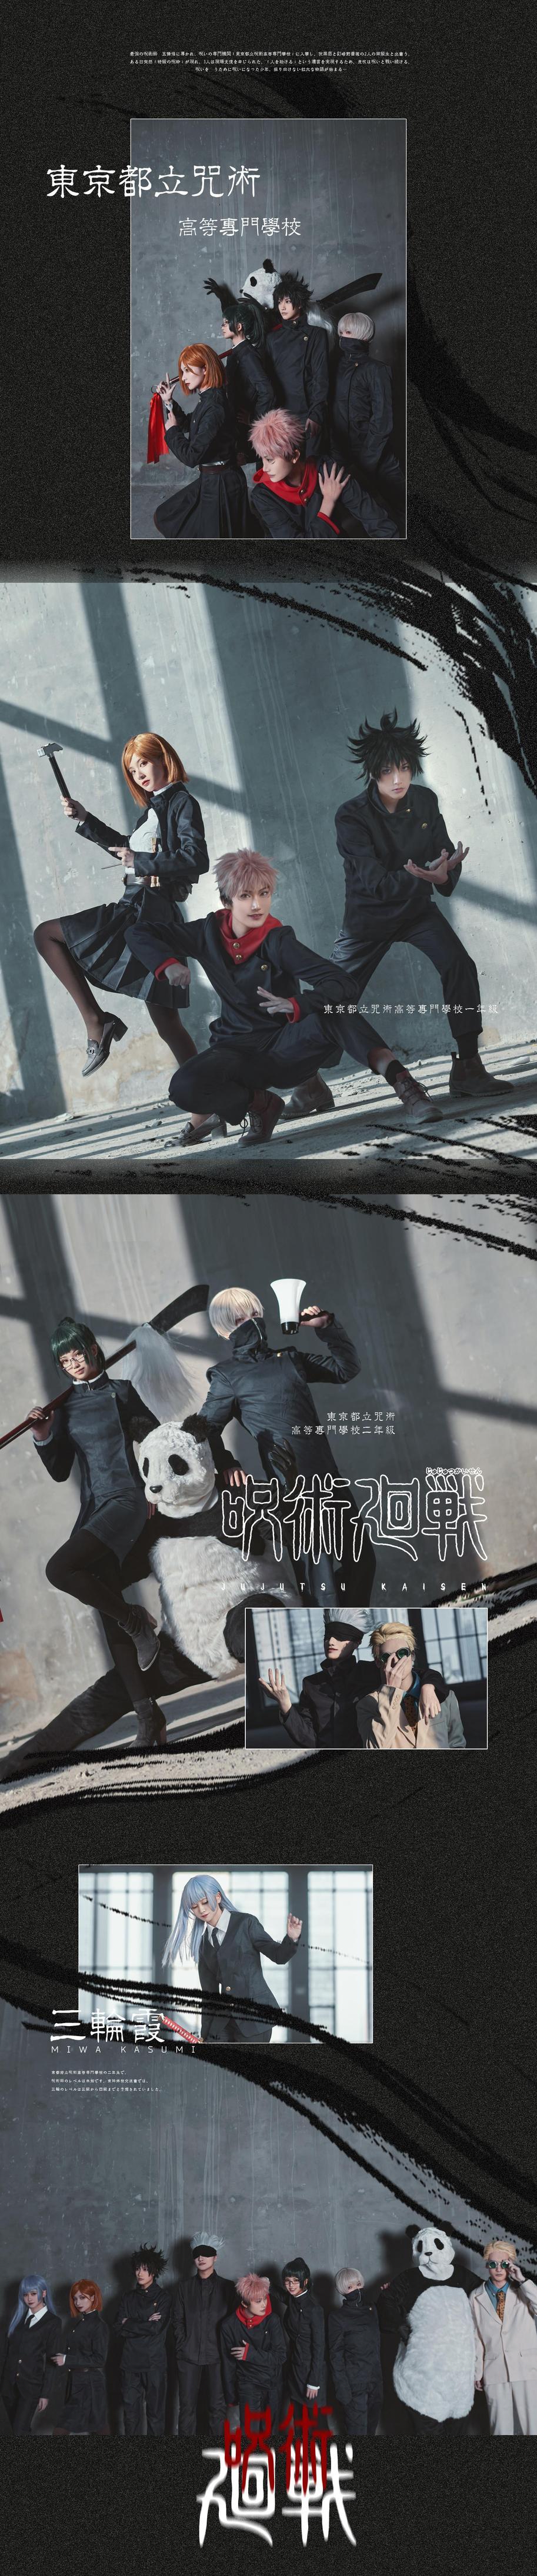 《咒术回战》蔷薇cosplay【CN:景穆】 -孩子cosplay图片插图